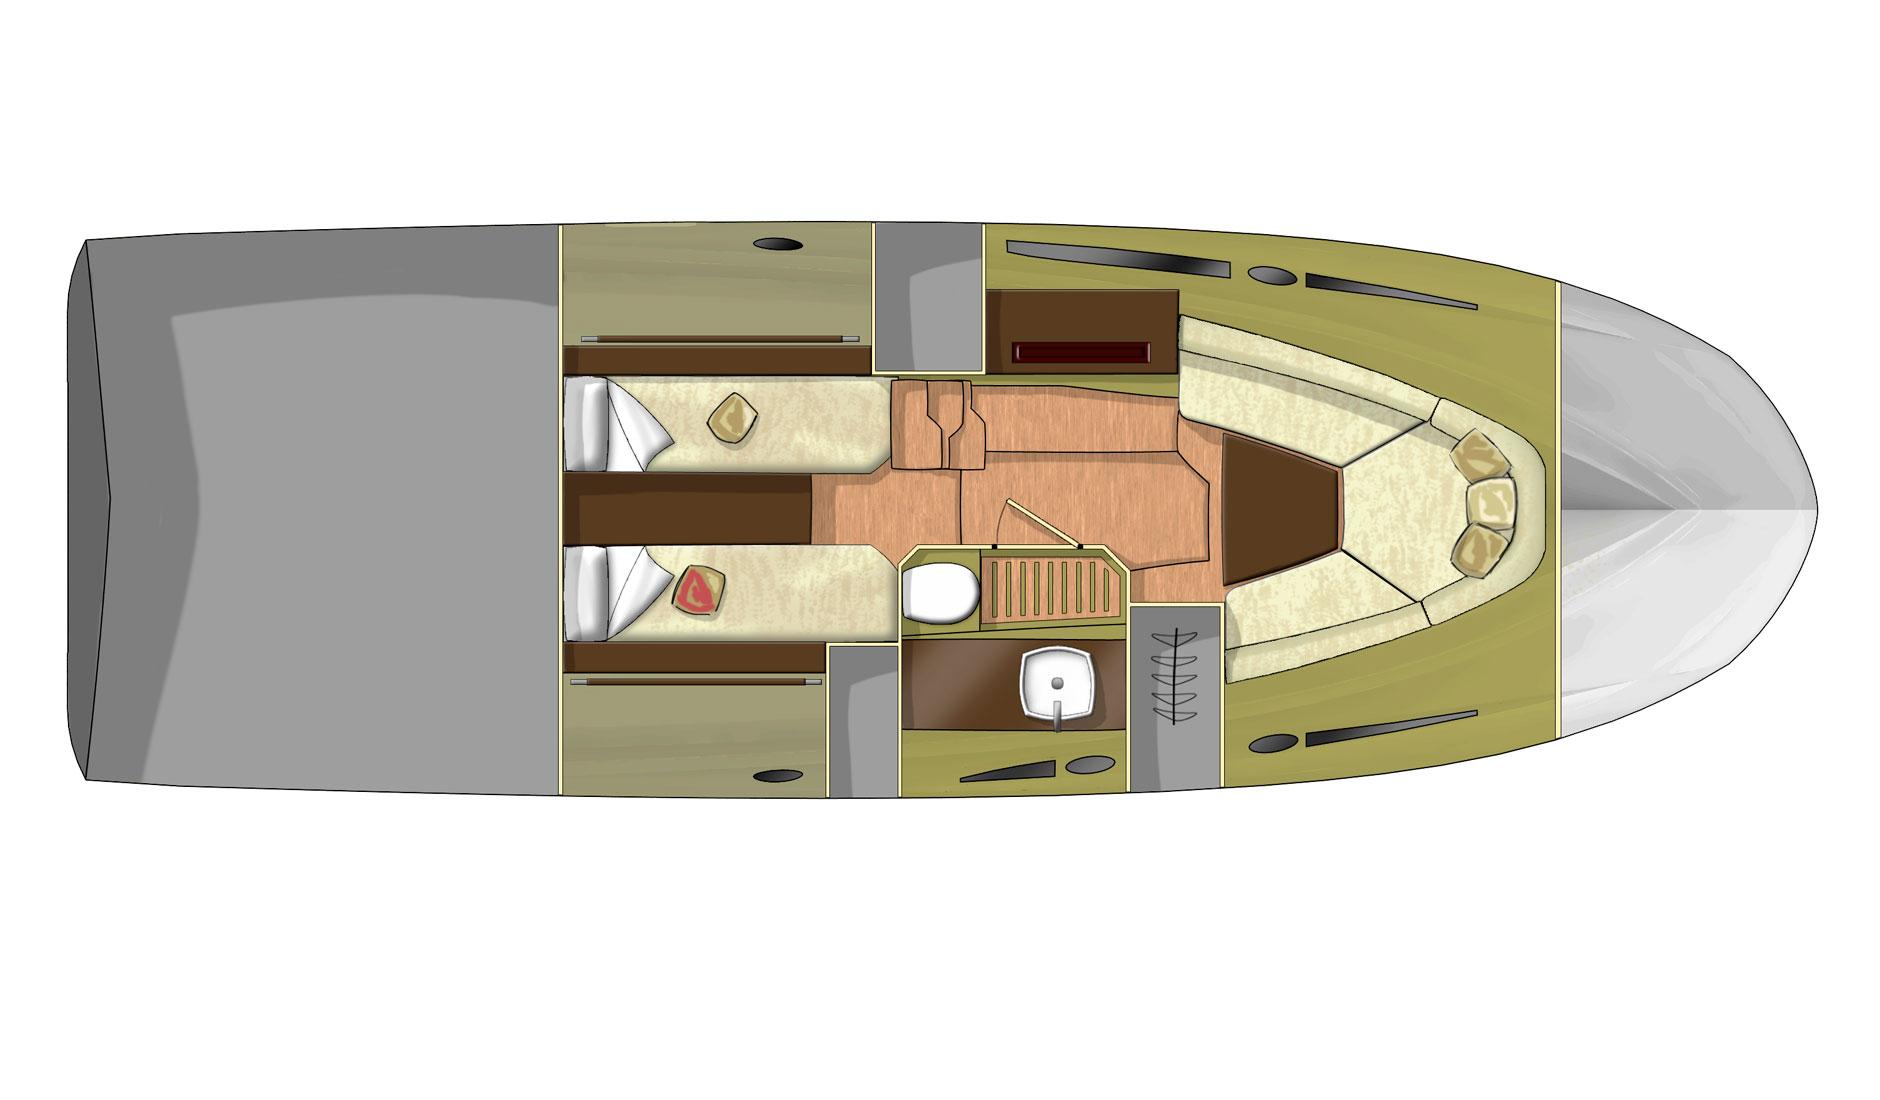 Sessa Marine Key Largo 34 Outboard Фото № 2